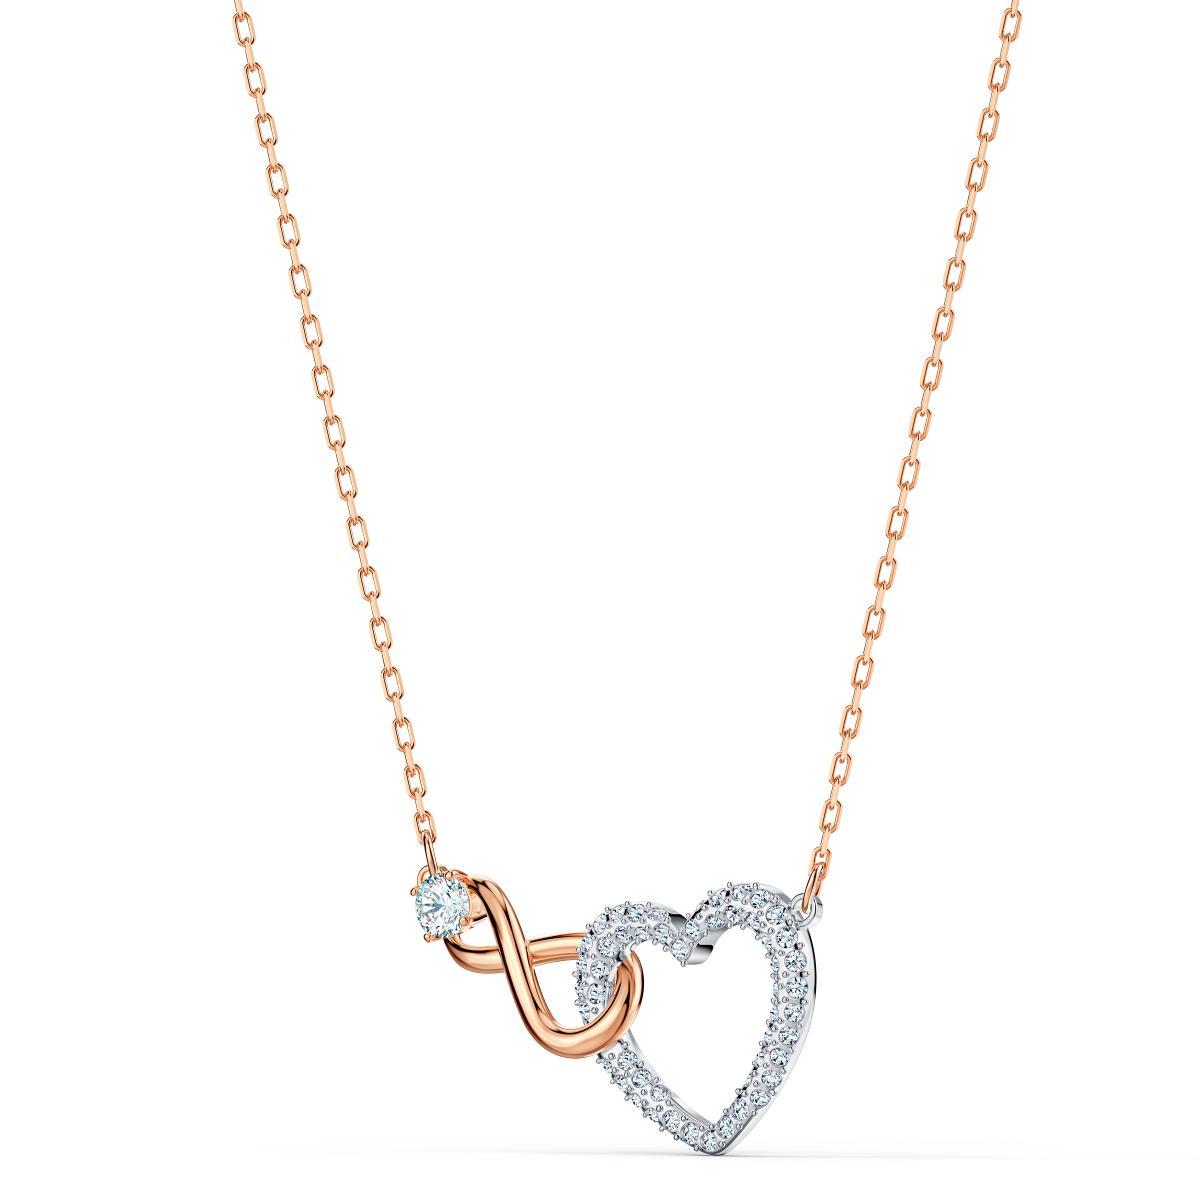 Collier Swarovski 5518865 - Collier or doré et argenté pendentif cœur  infini Femme